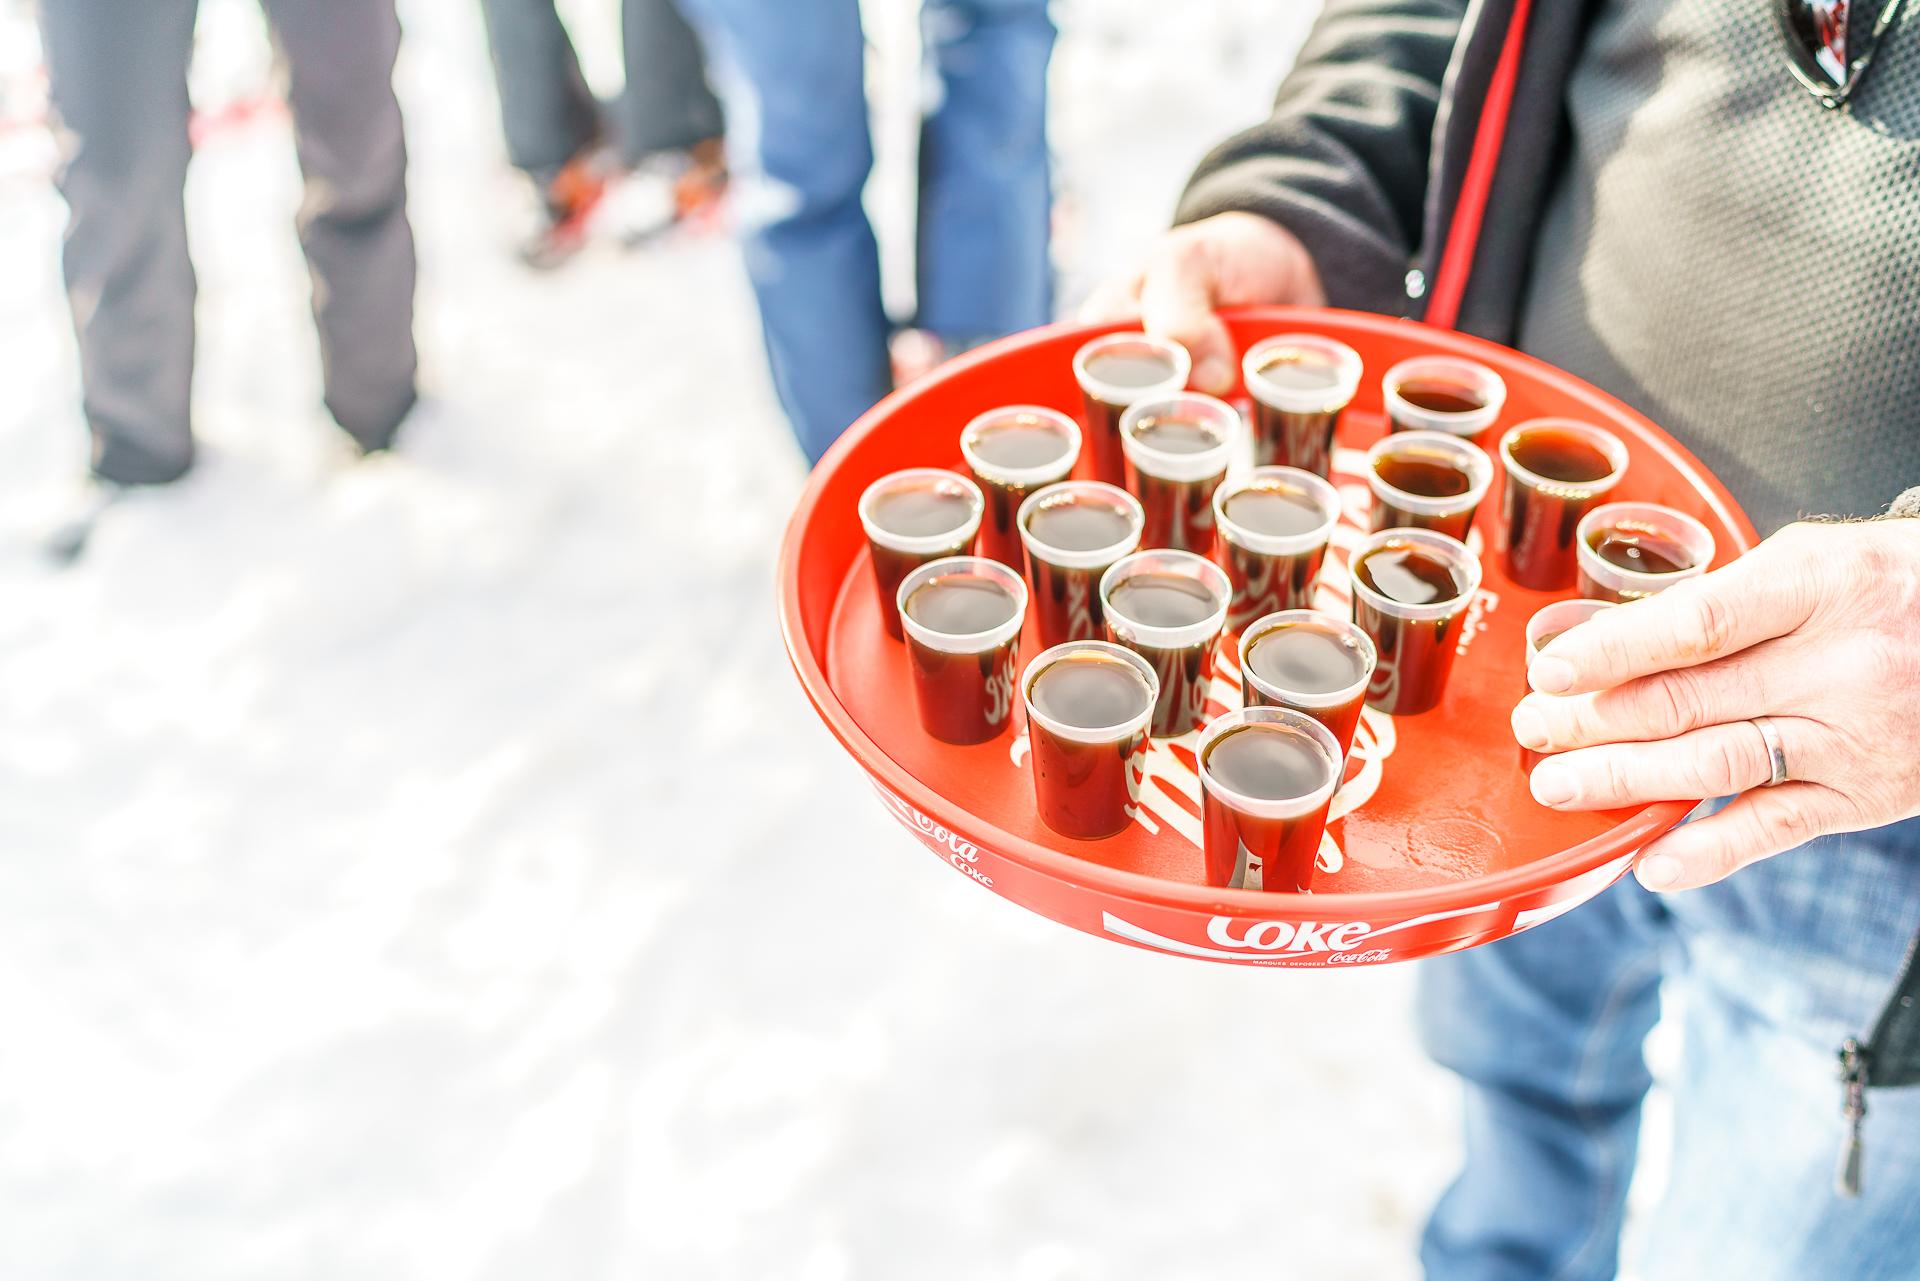 Schnaps-Kulinarisches-Schneeschuhlaufen